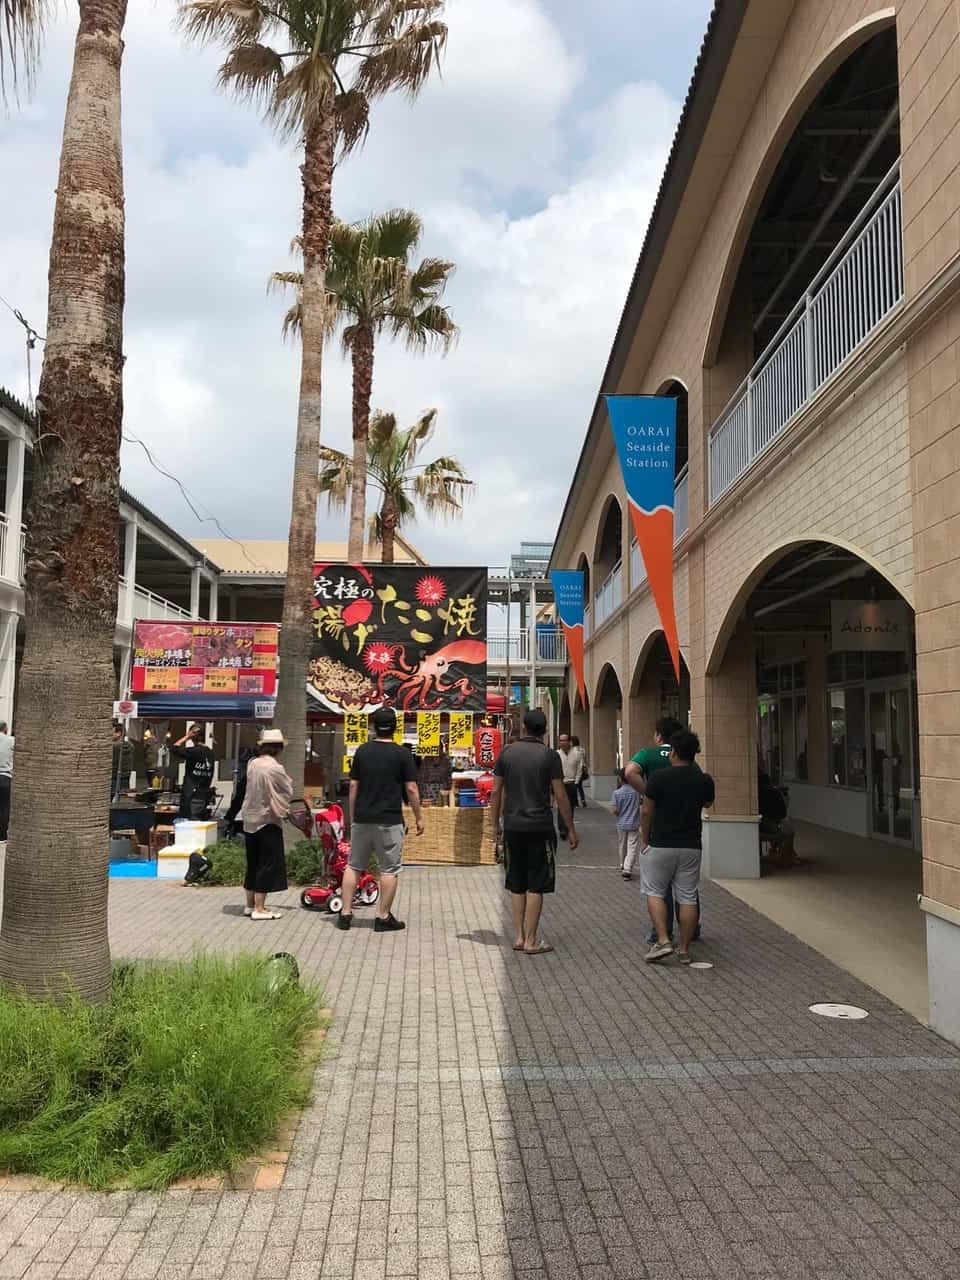 ภาพบรรยากาศของ Oarai Seaside Station